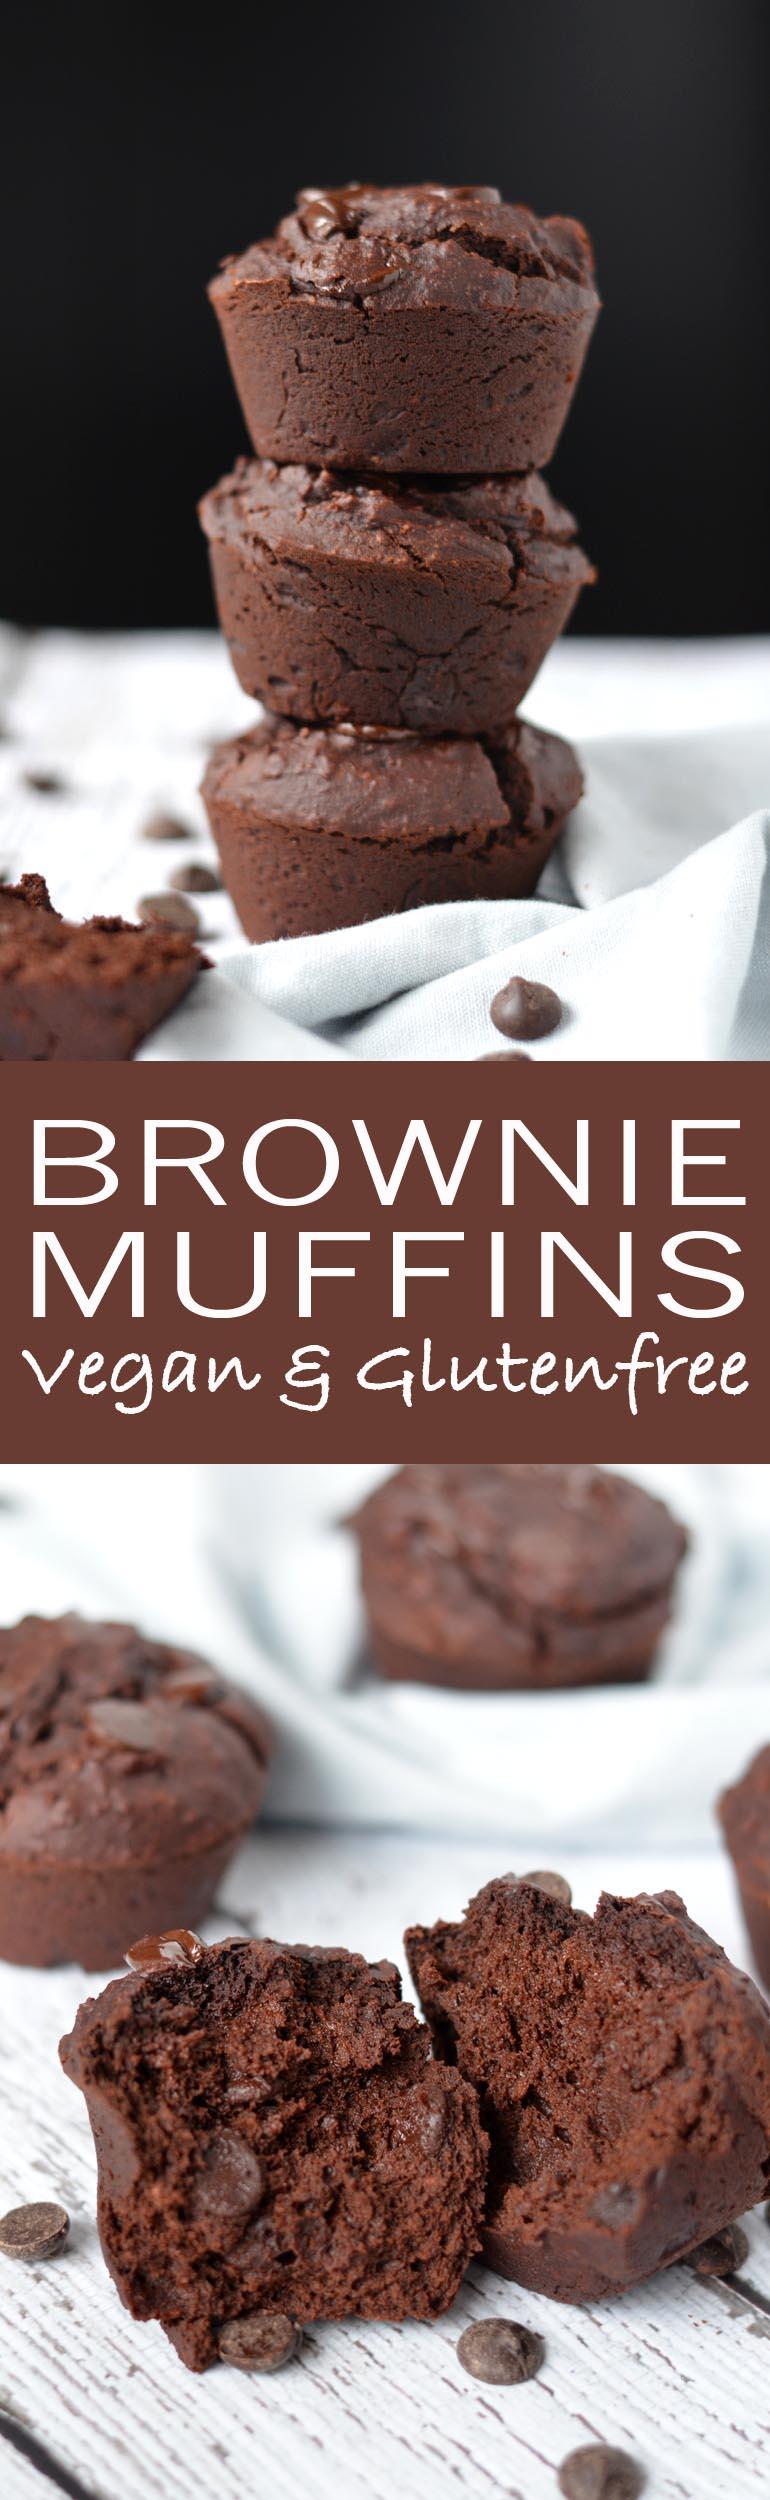 Dit chocolade brownie muffin recept is om je vingers bij af te likken! Echt waar! En helemaal vegan én glutenvrij :)